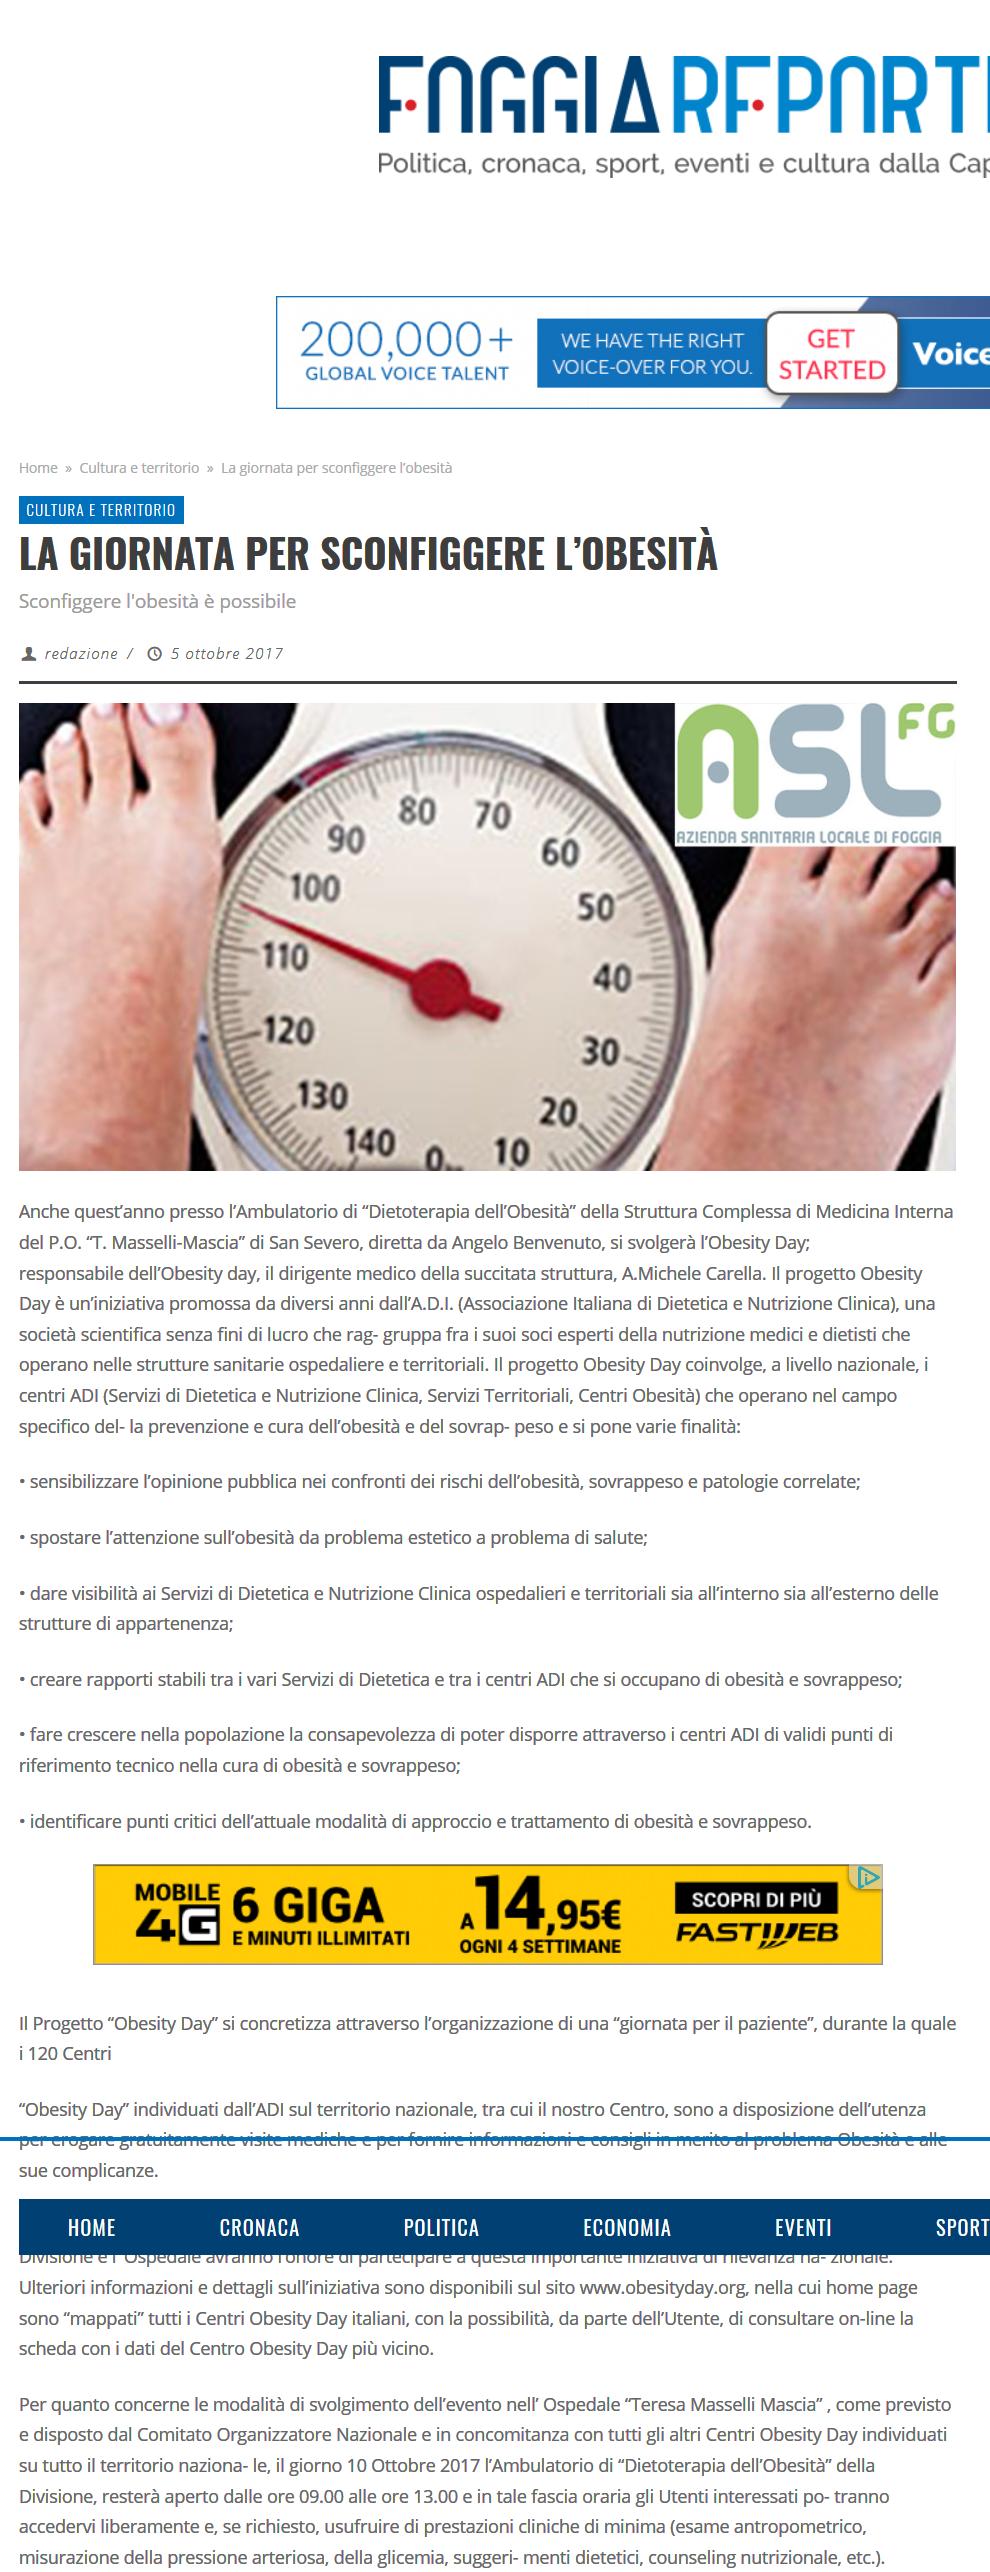 Consigli di incontri per sovrappeso